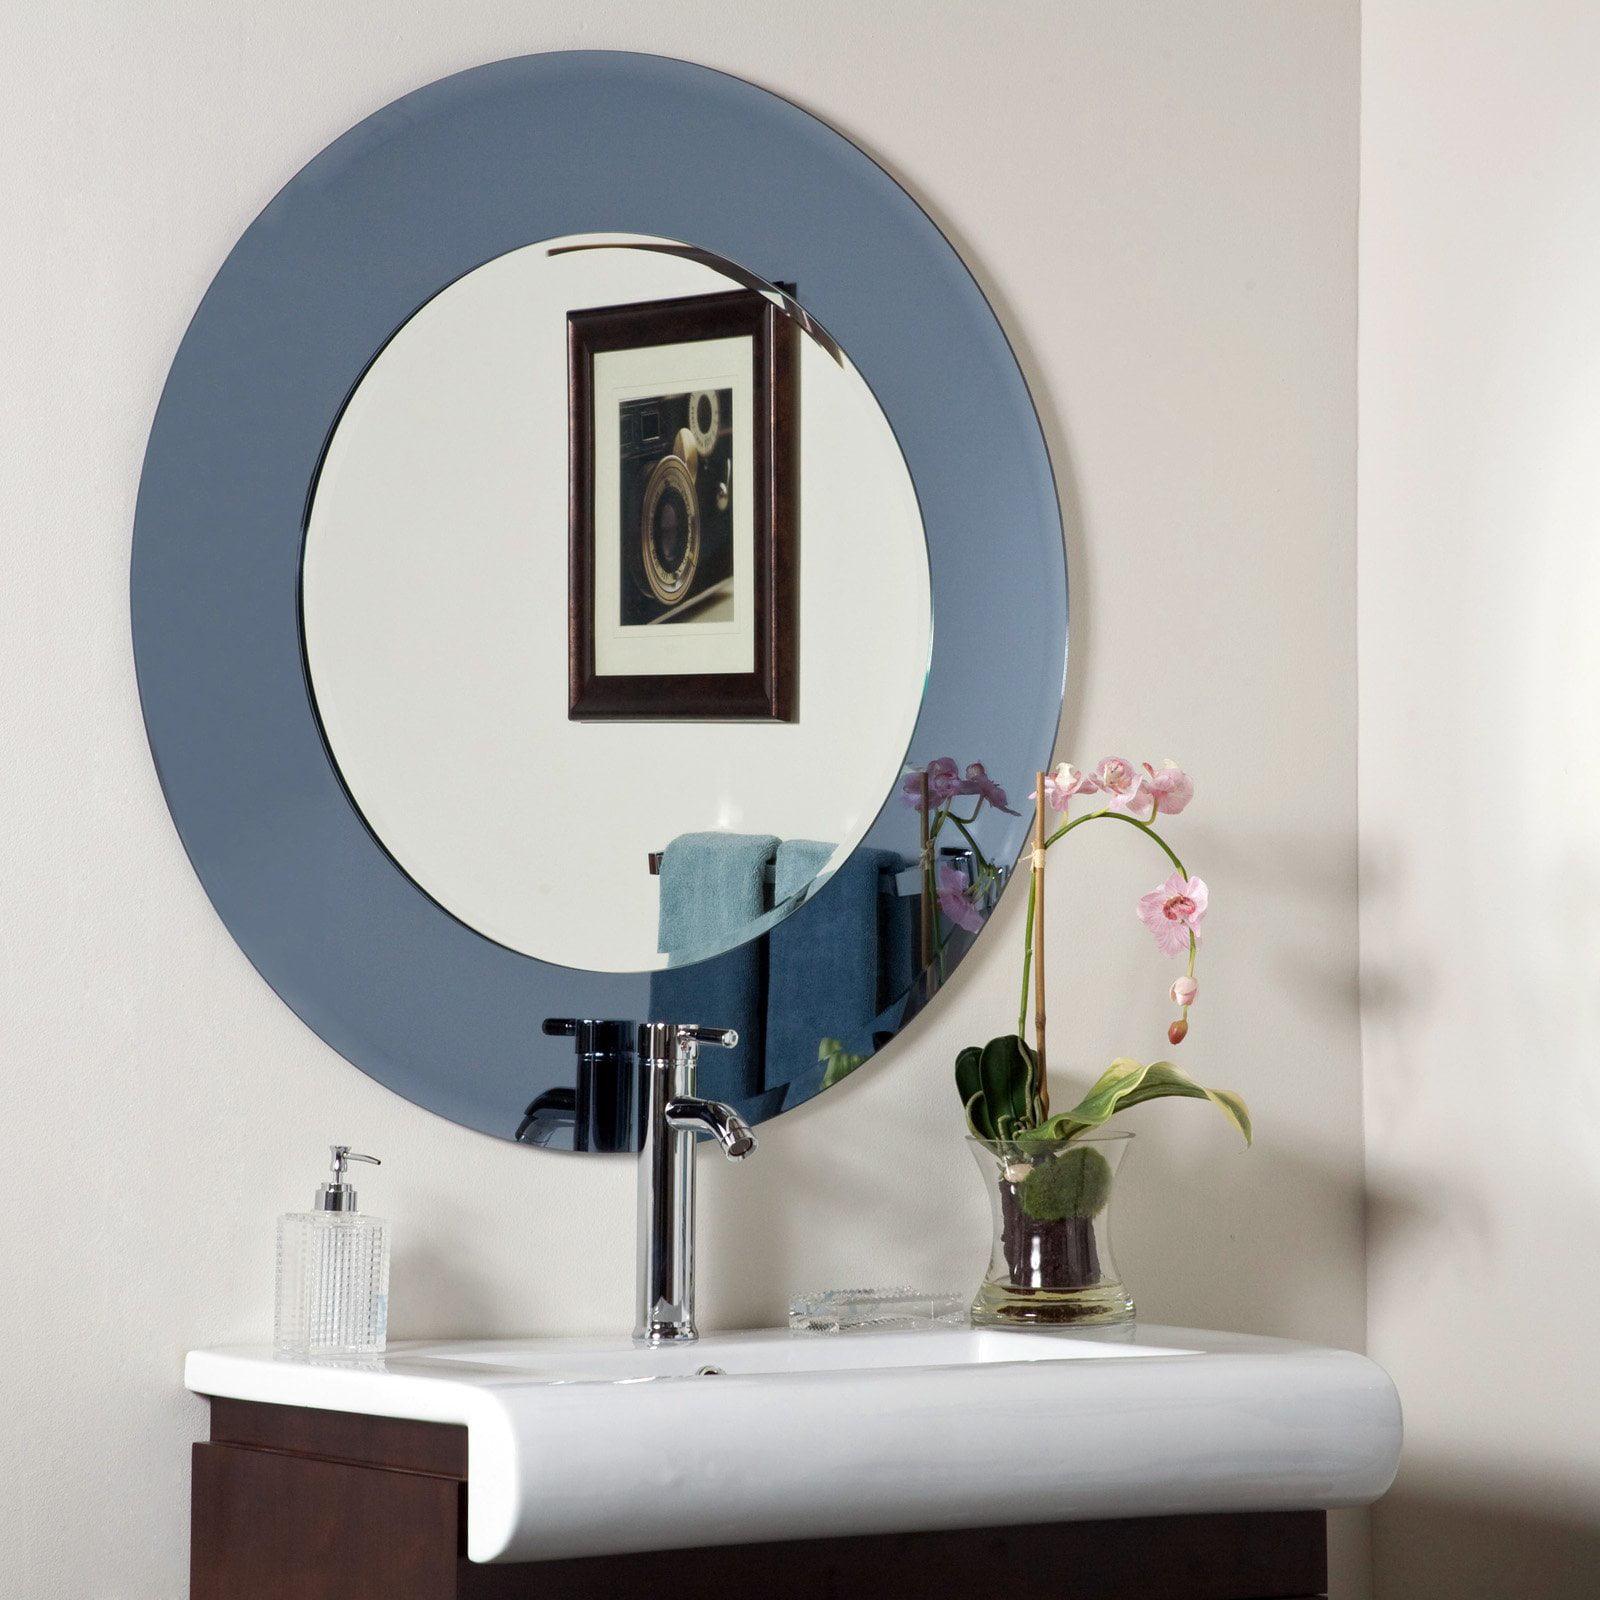 Décor Wonderland Camilla Modern Frameless Bathroom Mirror 35 diam. in. by Decor Wonderland of US